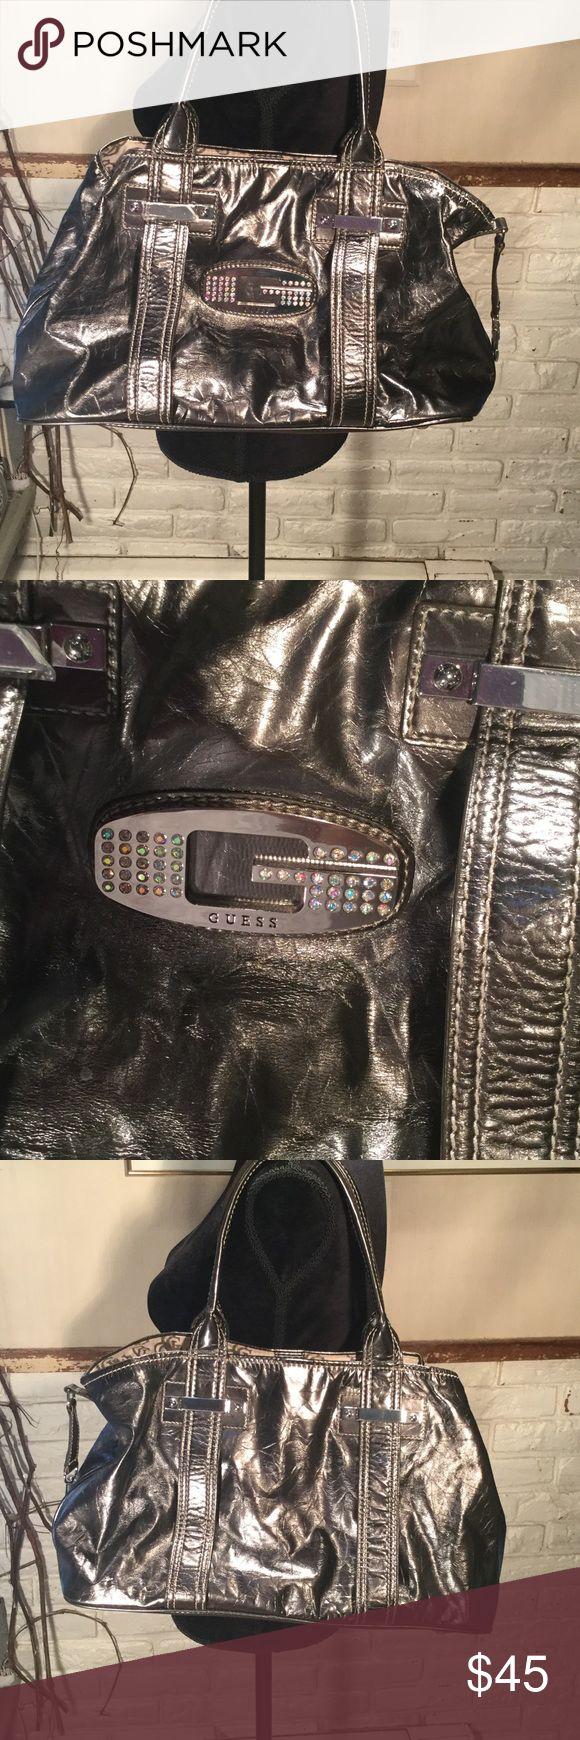 Best 25 Guess Bags Ideas On Pinterest Guess Handbags